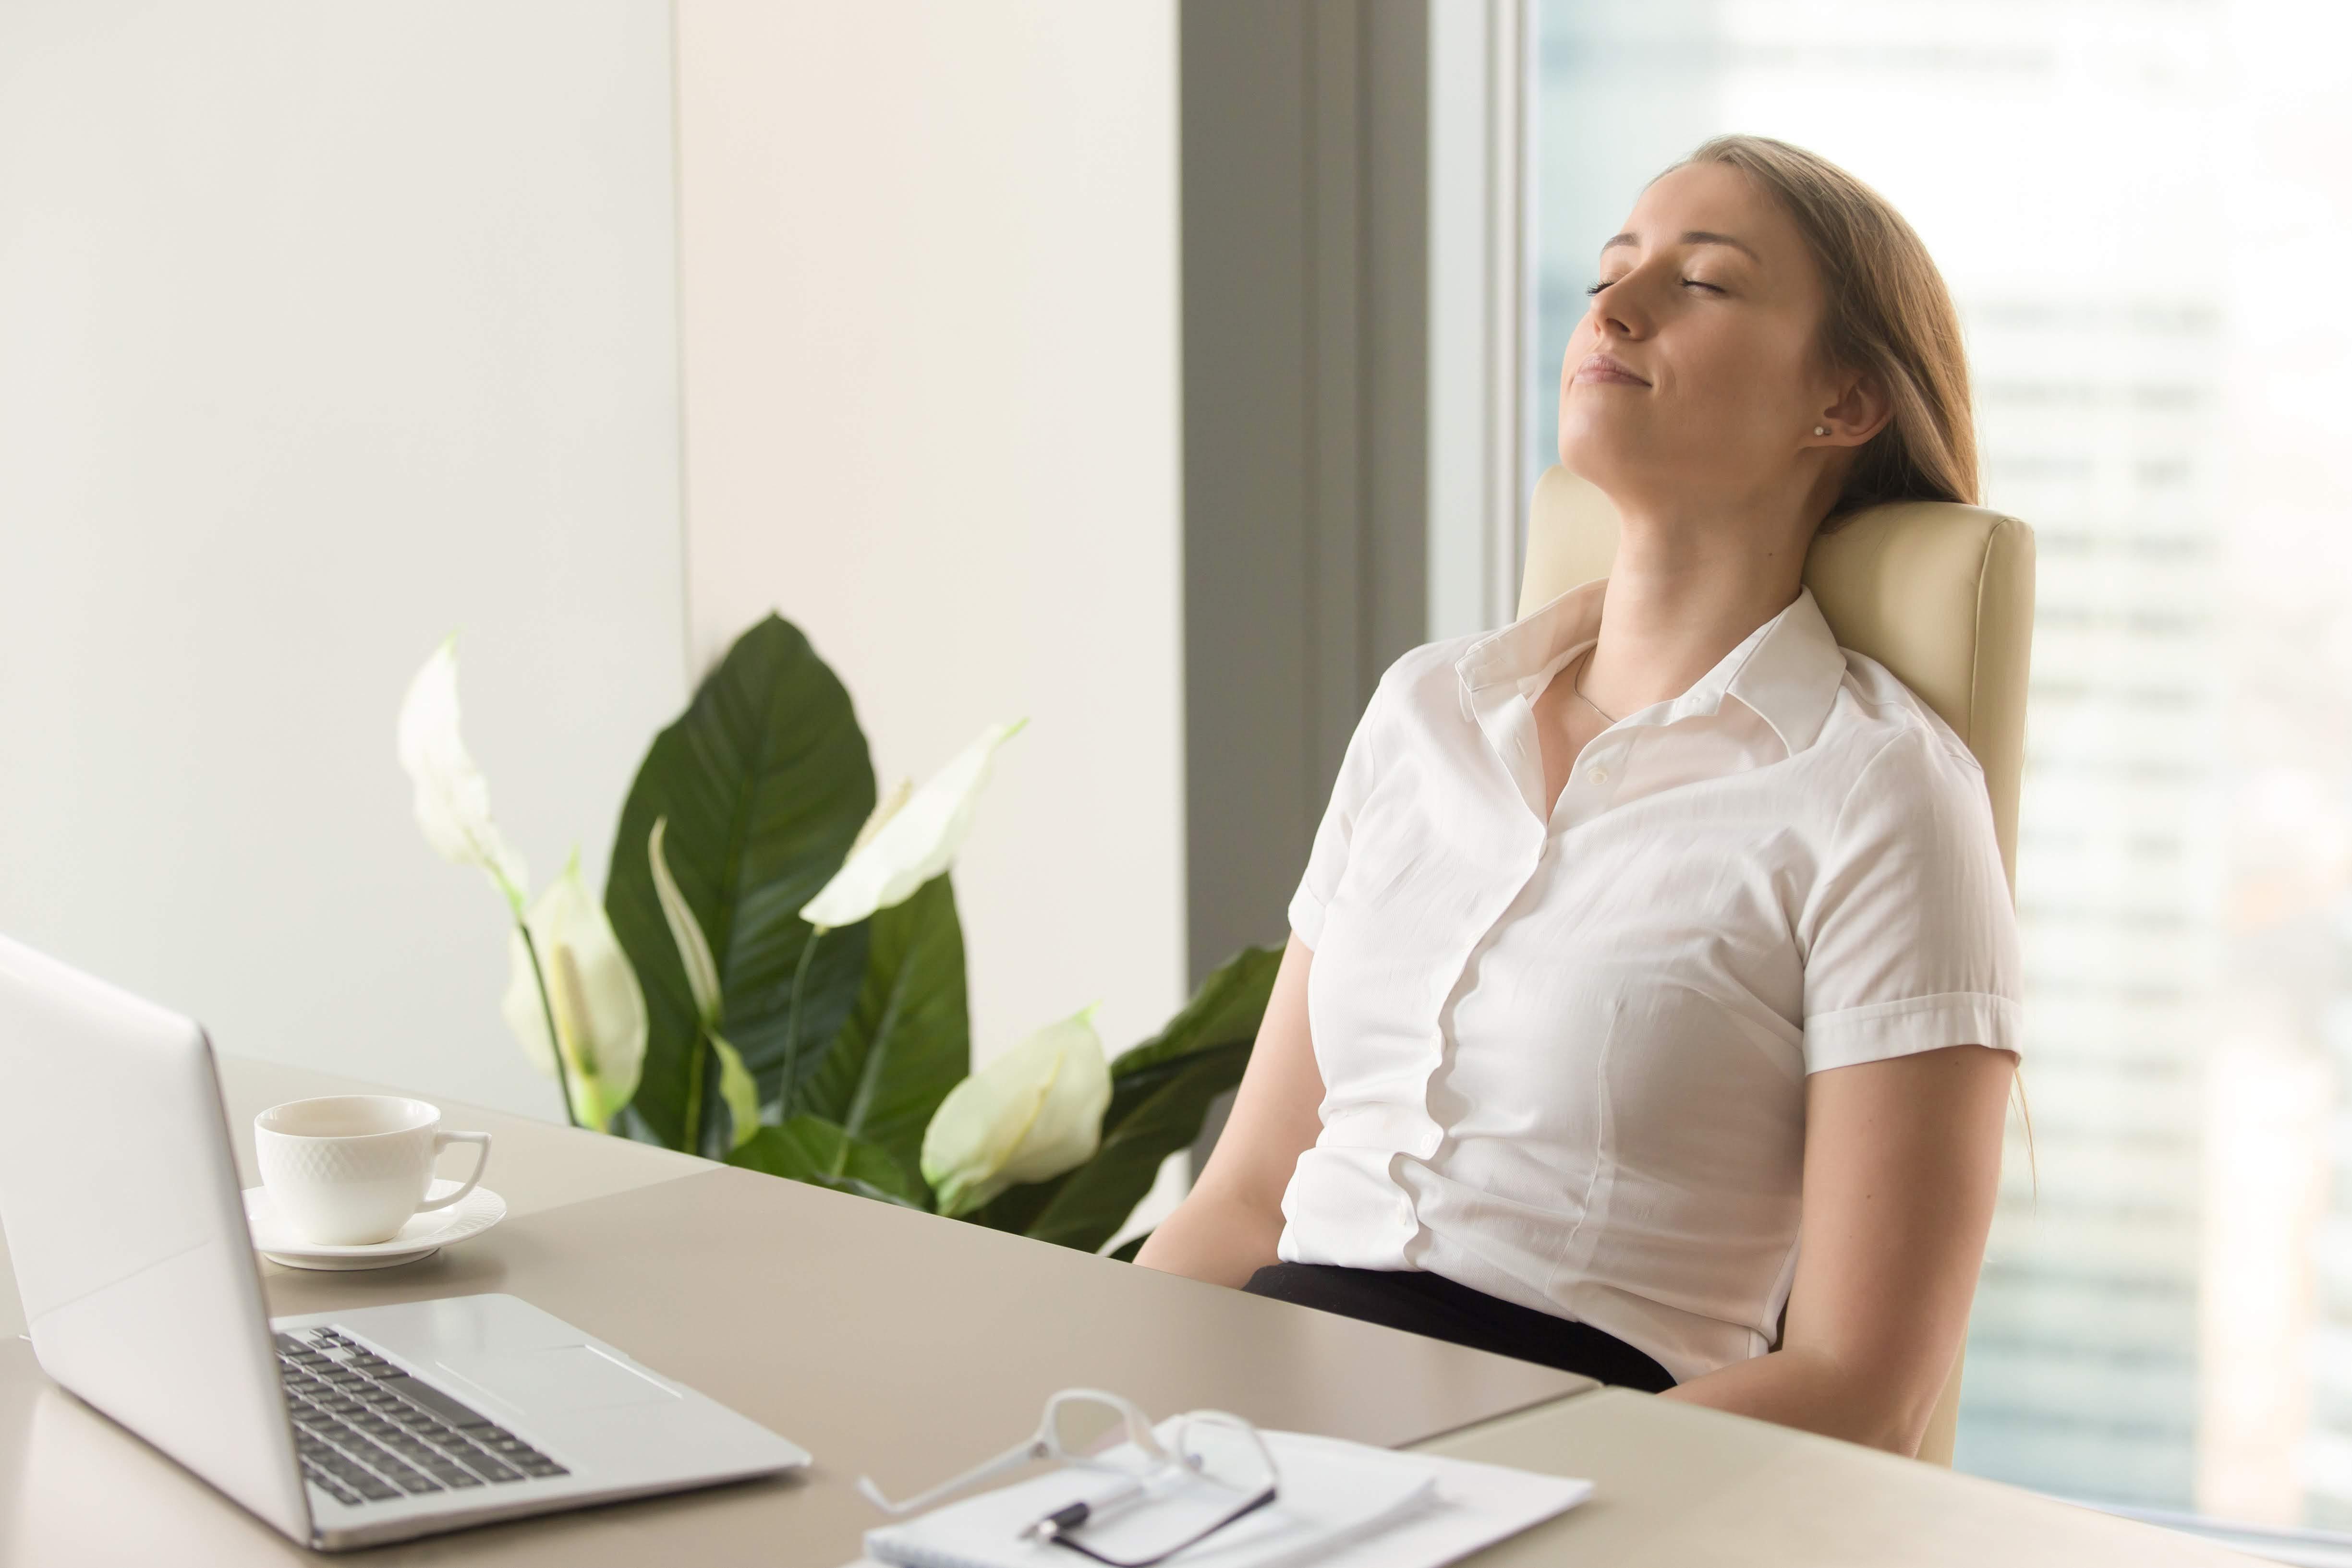 3 Micro siestes